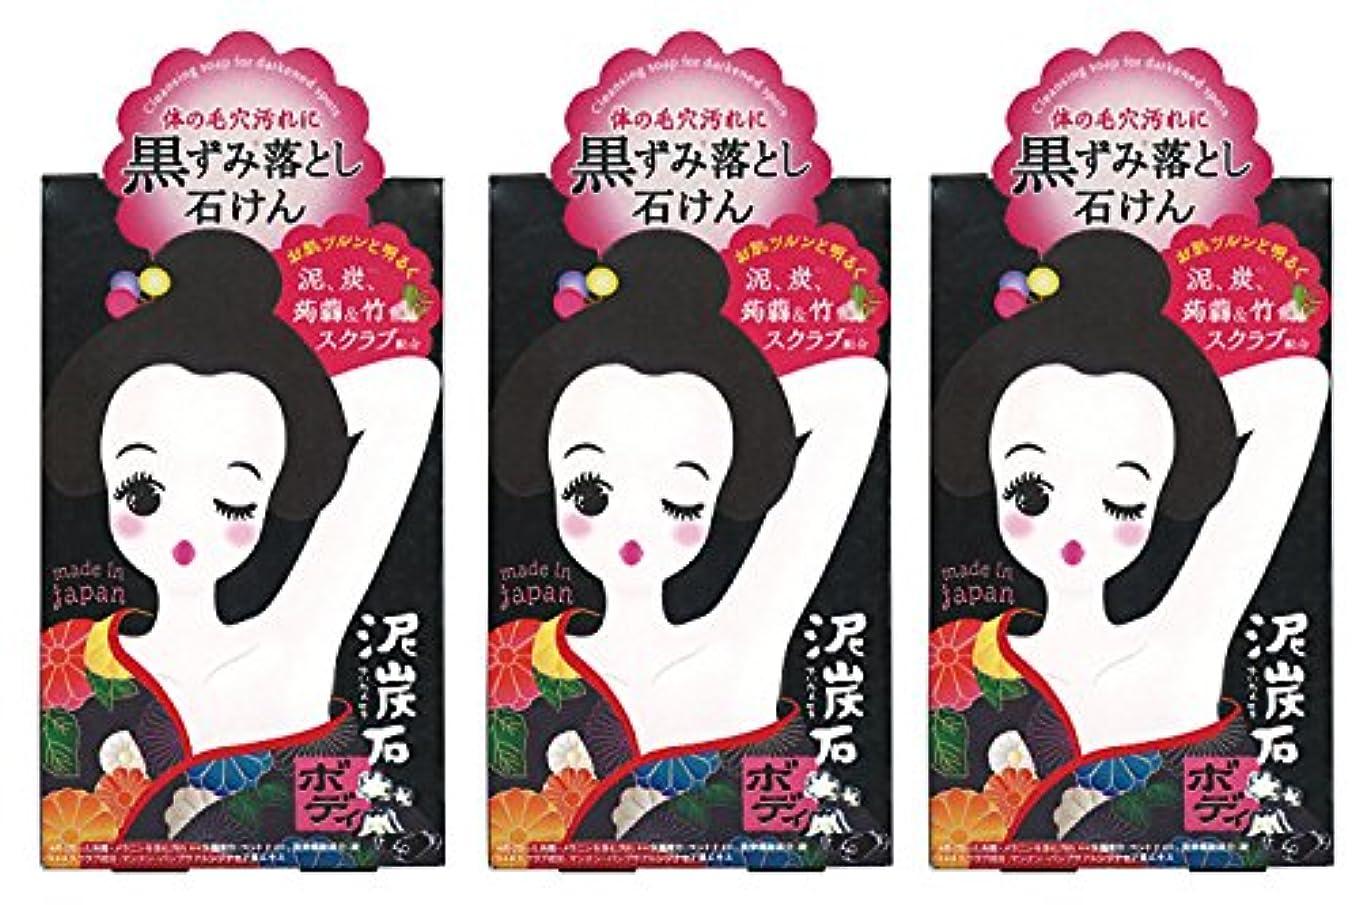 彼らのもの学士通訳(ペリカン石鹸)ペリカン 泥炭石 ボディスクラブ石鹸 100g(お買い得3個セット)